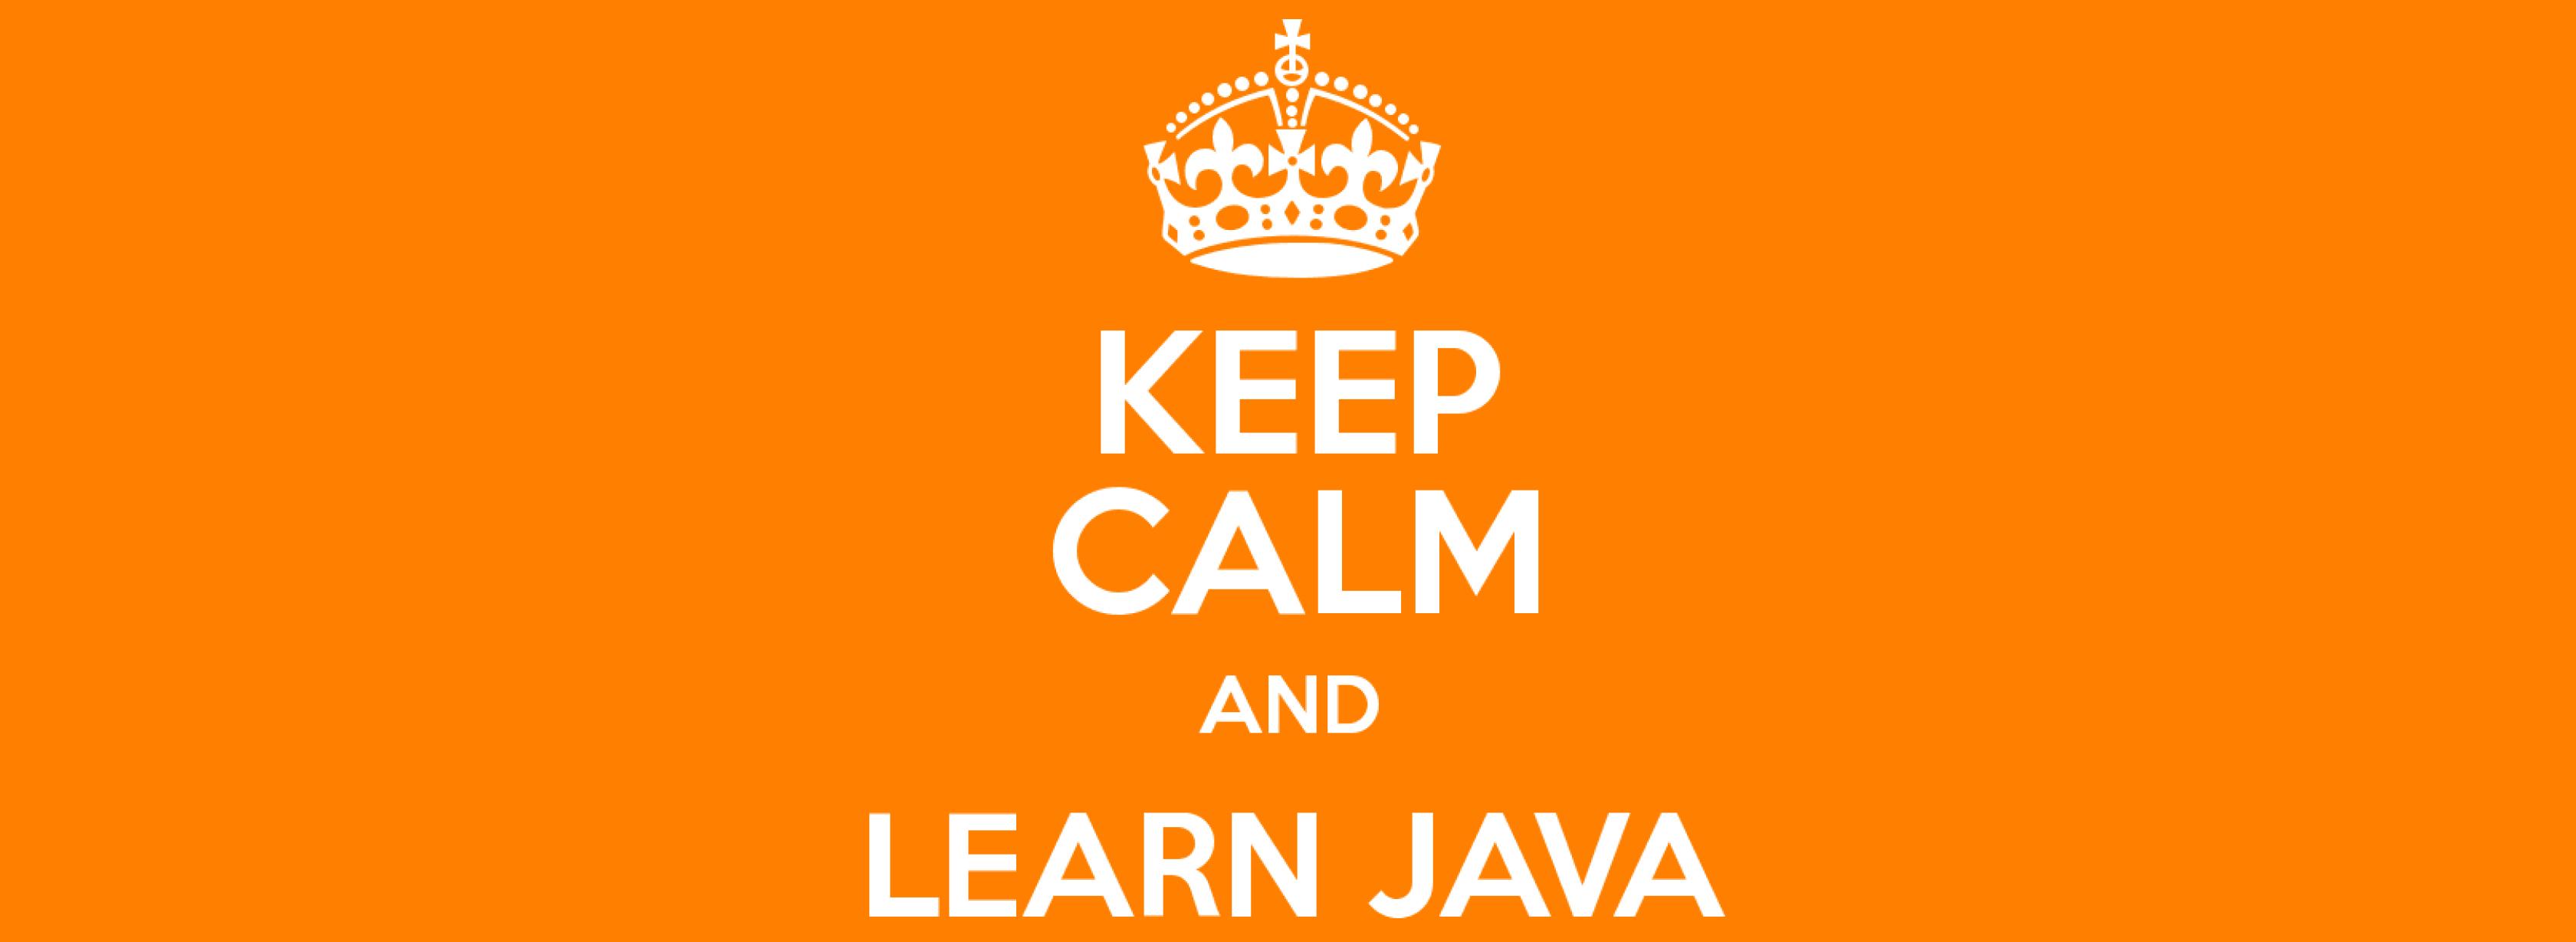 Conoce más sobre la tecnología Java